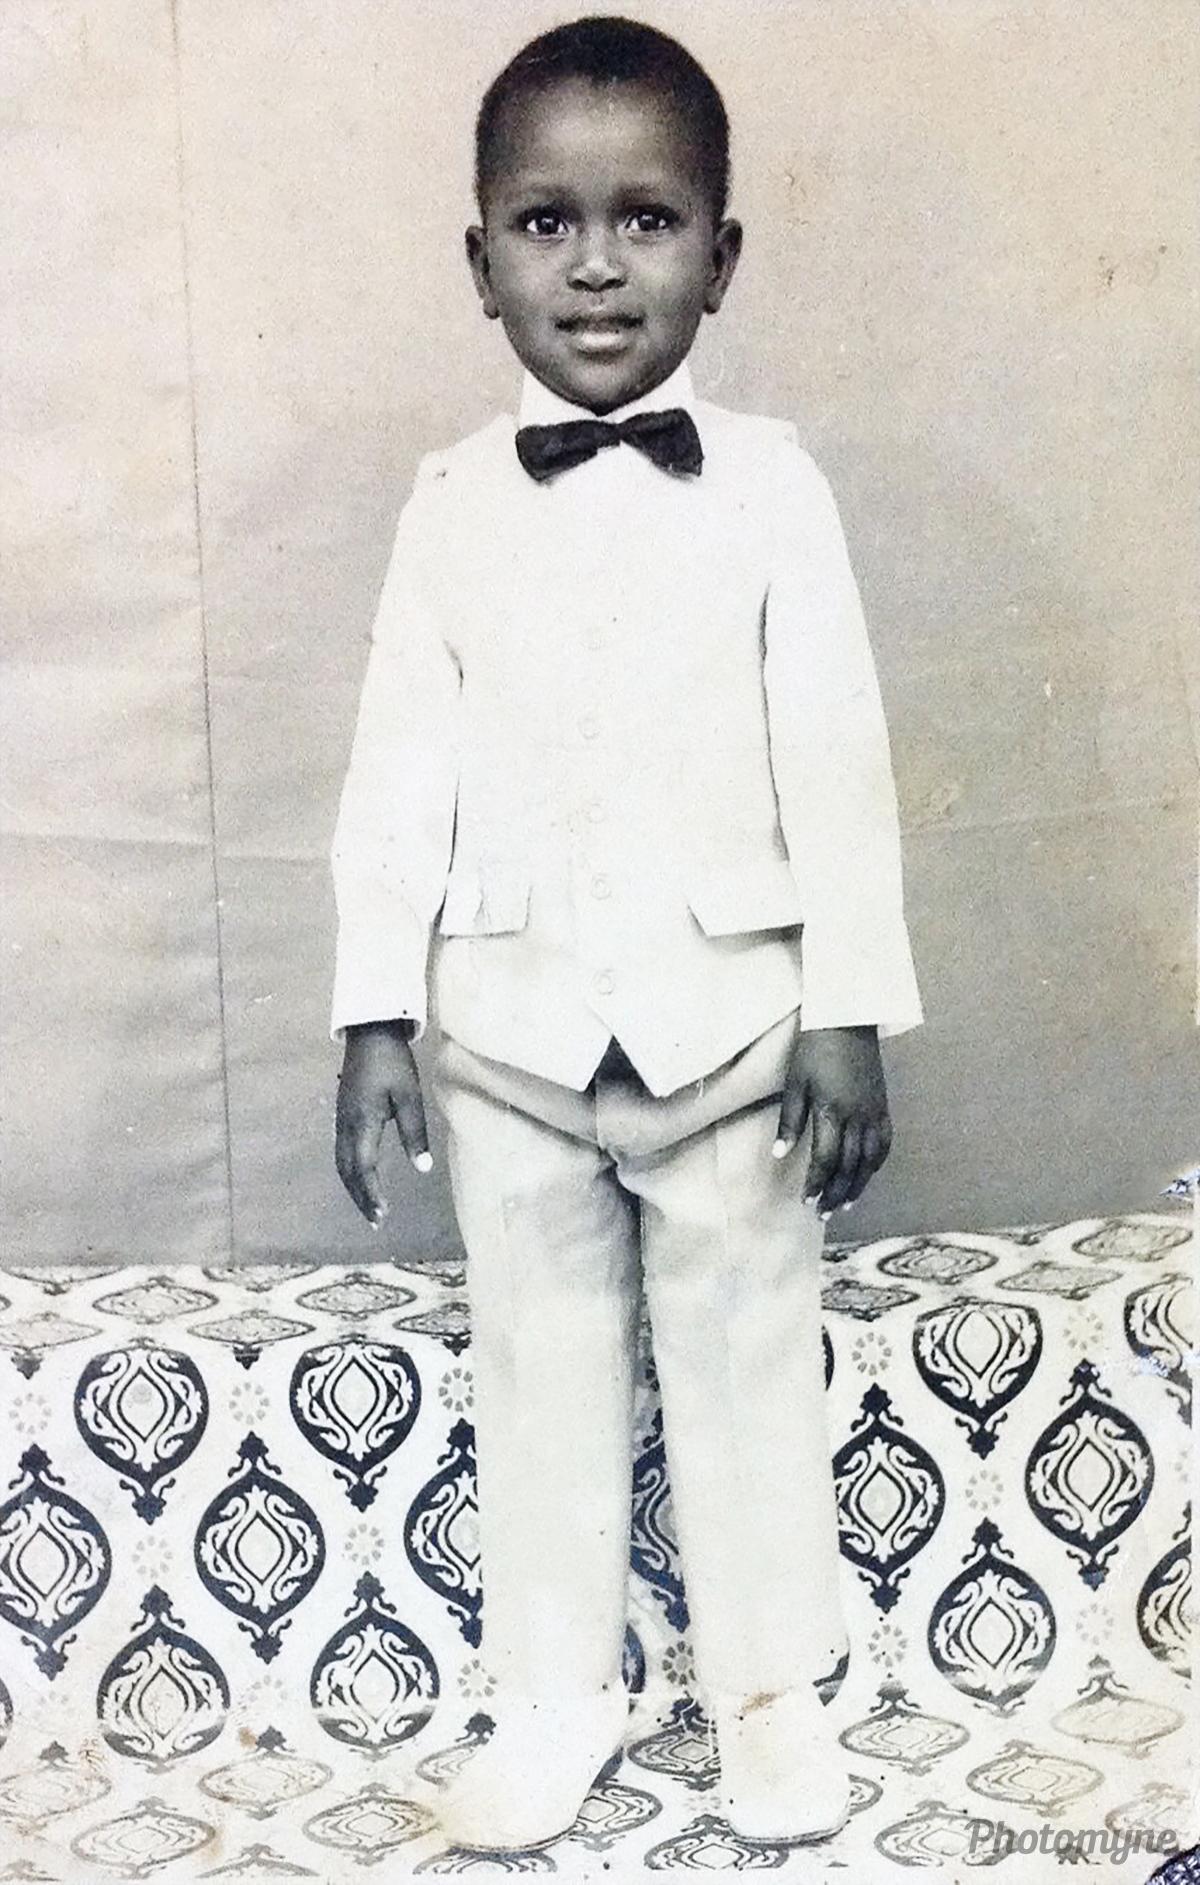 Photo enfance, Côte d'Ivoire (Ivory Coast), 1972